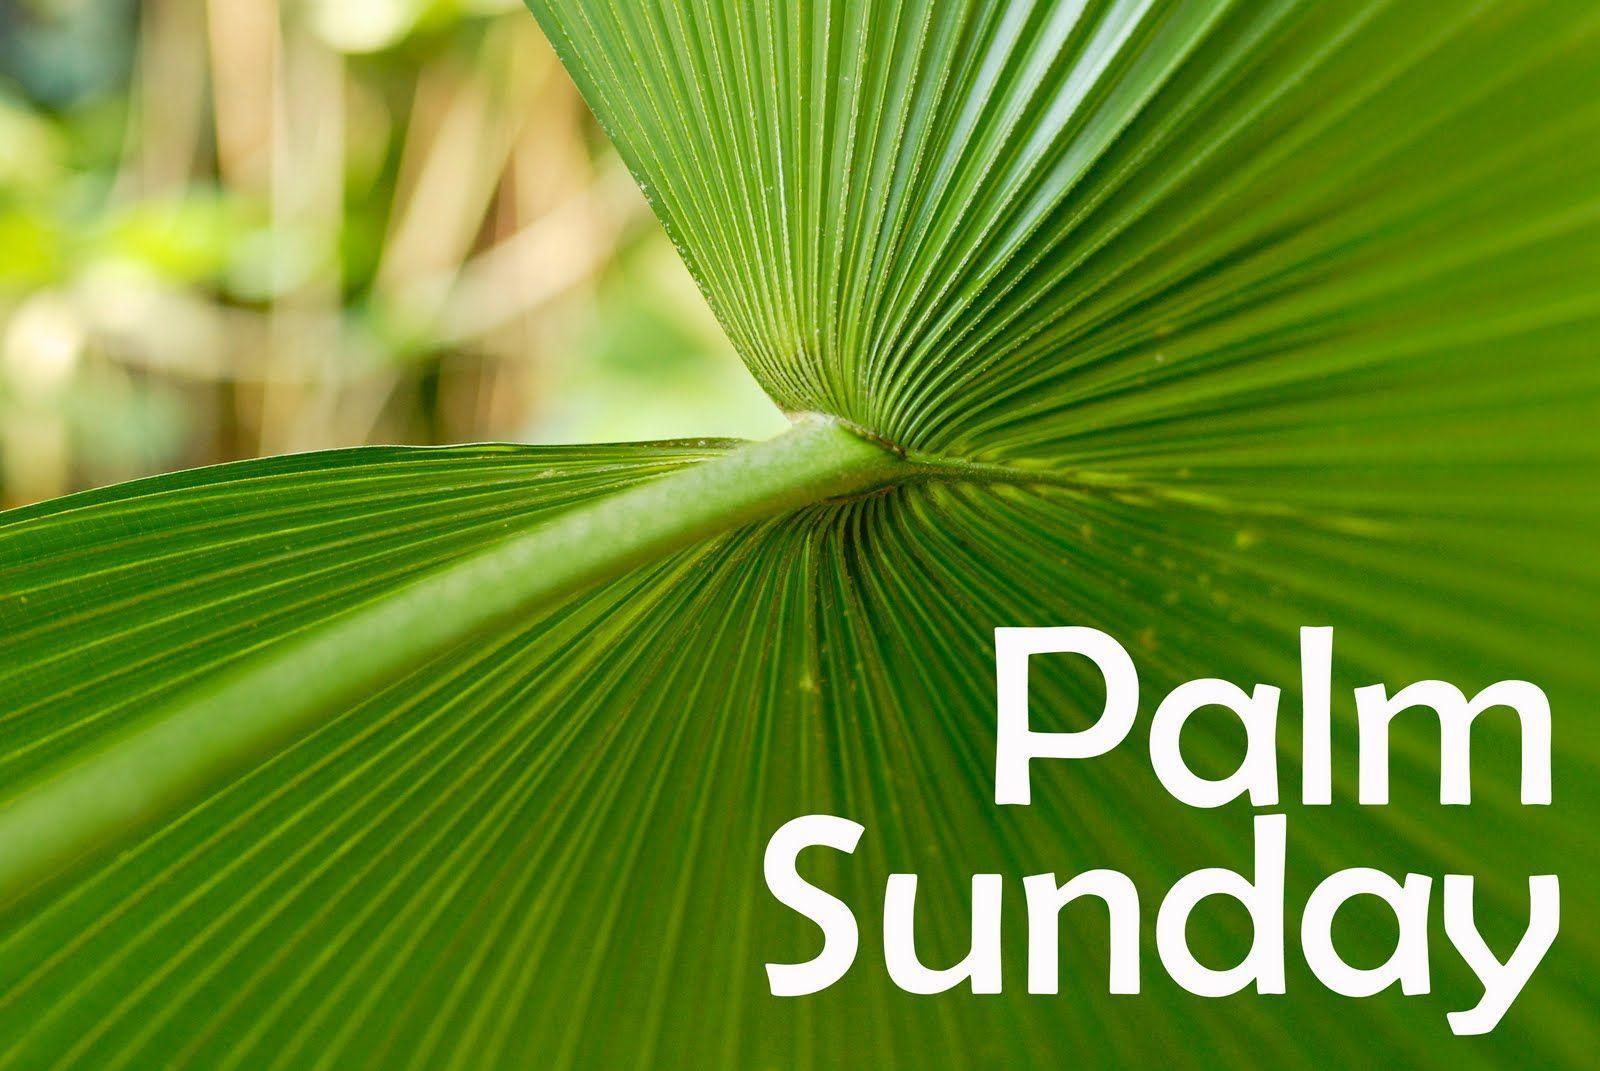 Palm Sunday Wallpaper PC Most Beautiful